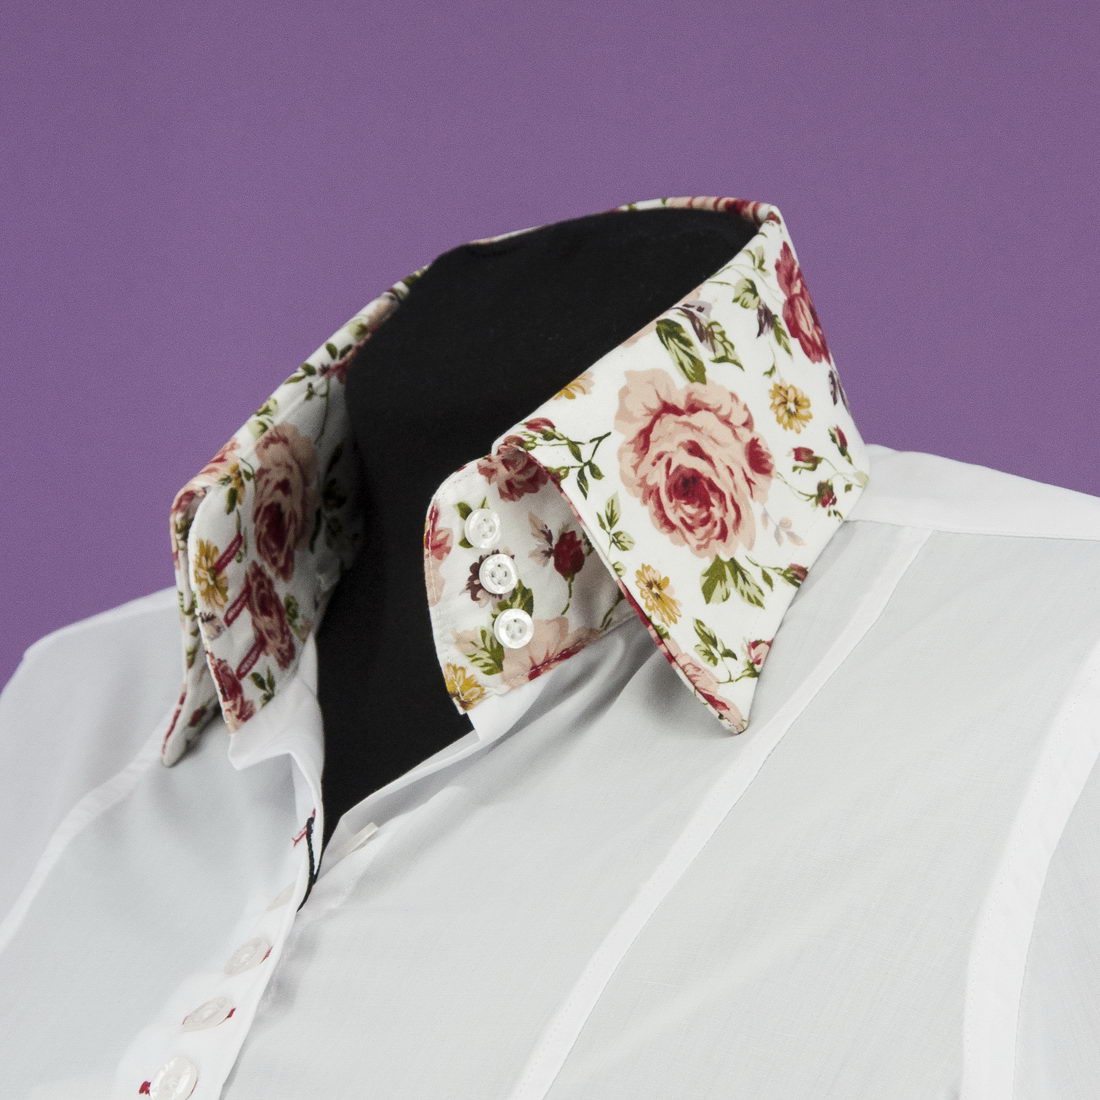 Красивые и стильные мужские рубашки и женские блузки Tunica Benefit и Indumento. Огромный выбор. Есть распродажа! Очень хорошие отзывы! Без рядов! Выкуп 5